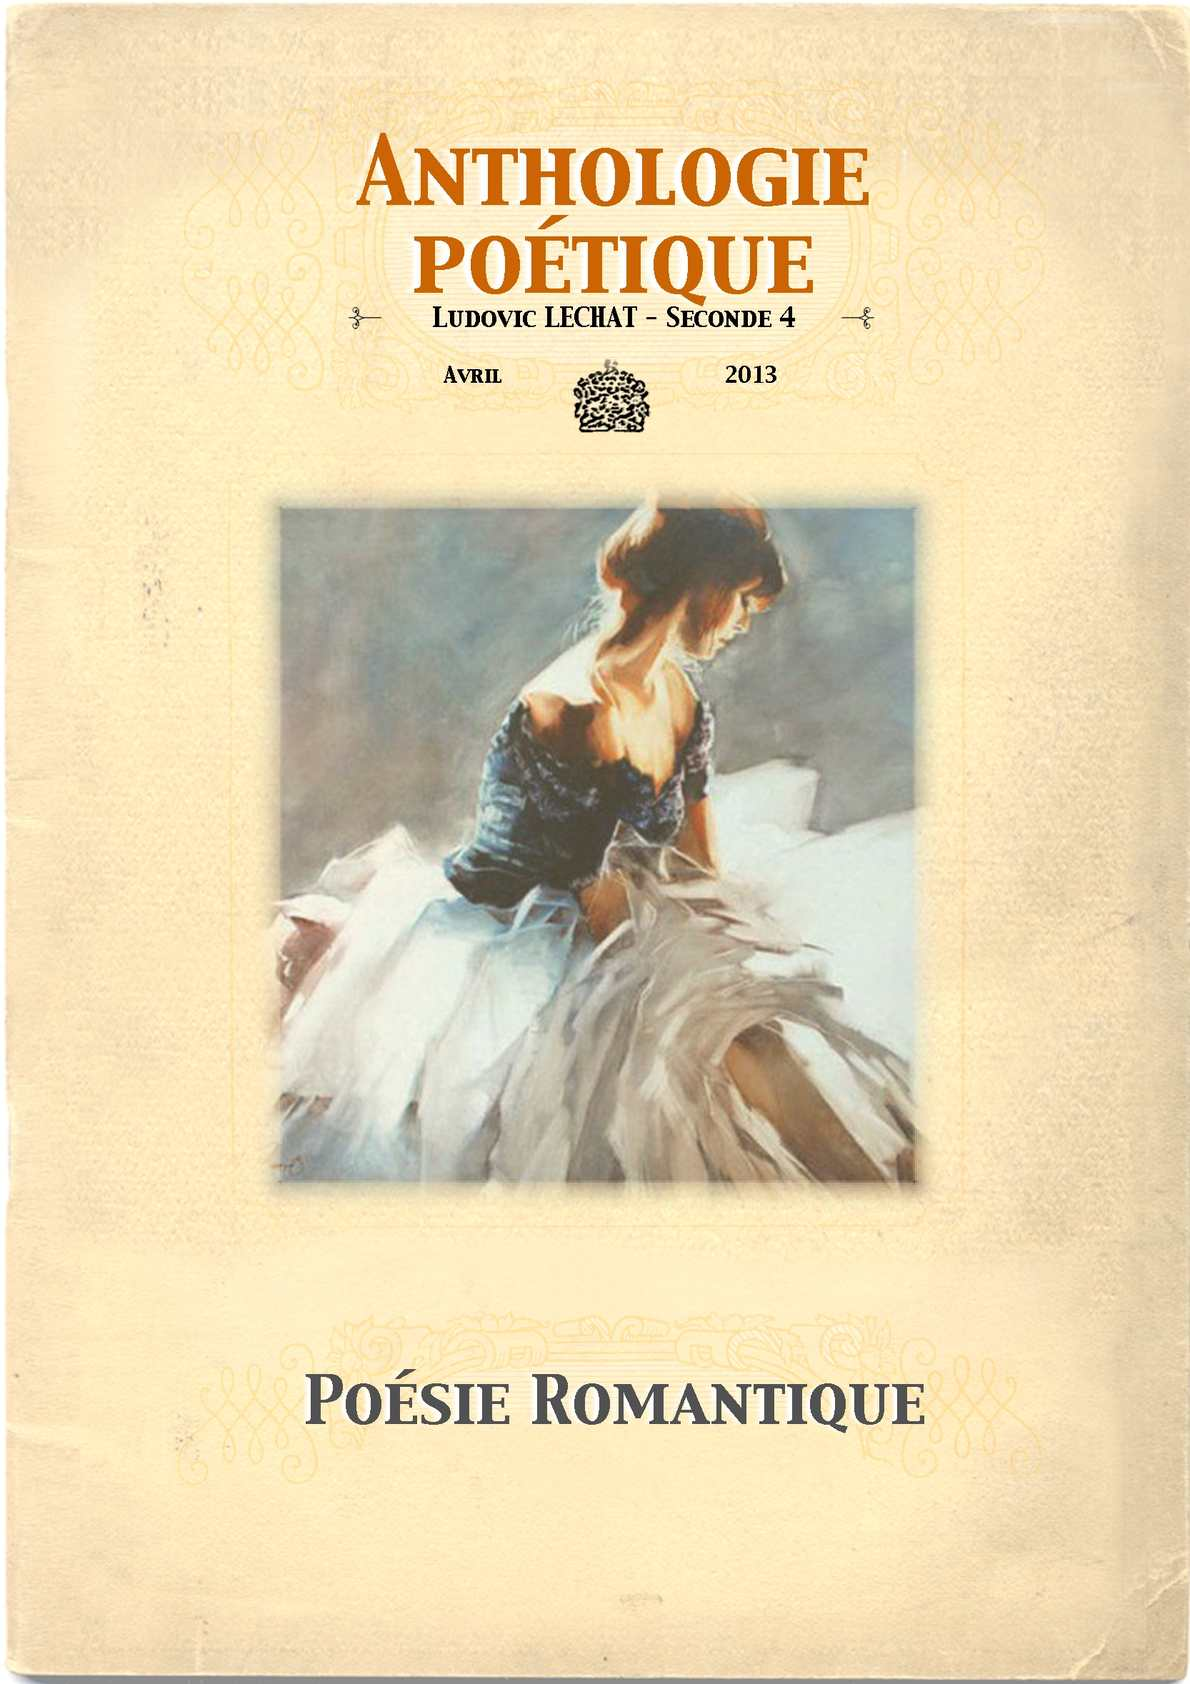 Anthologie Poeme Rencontre Amoureuse